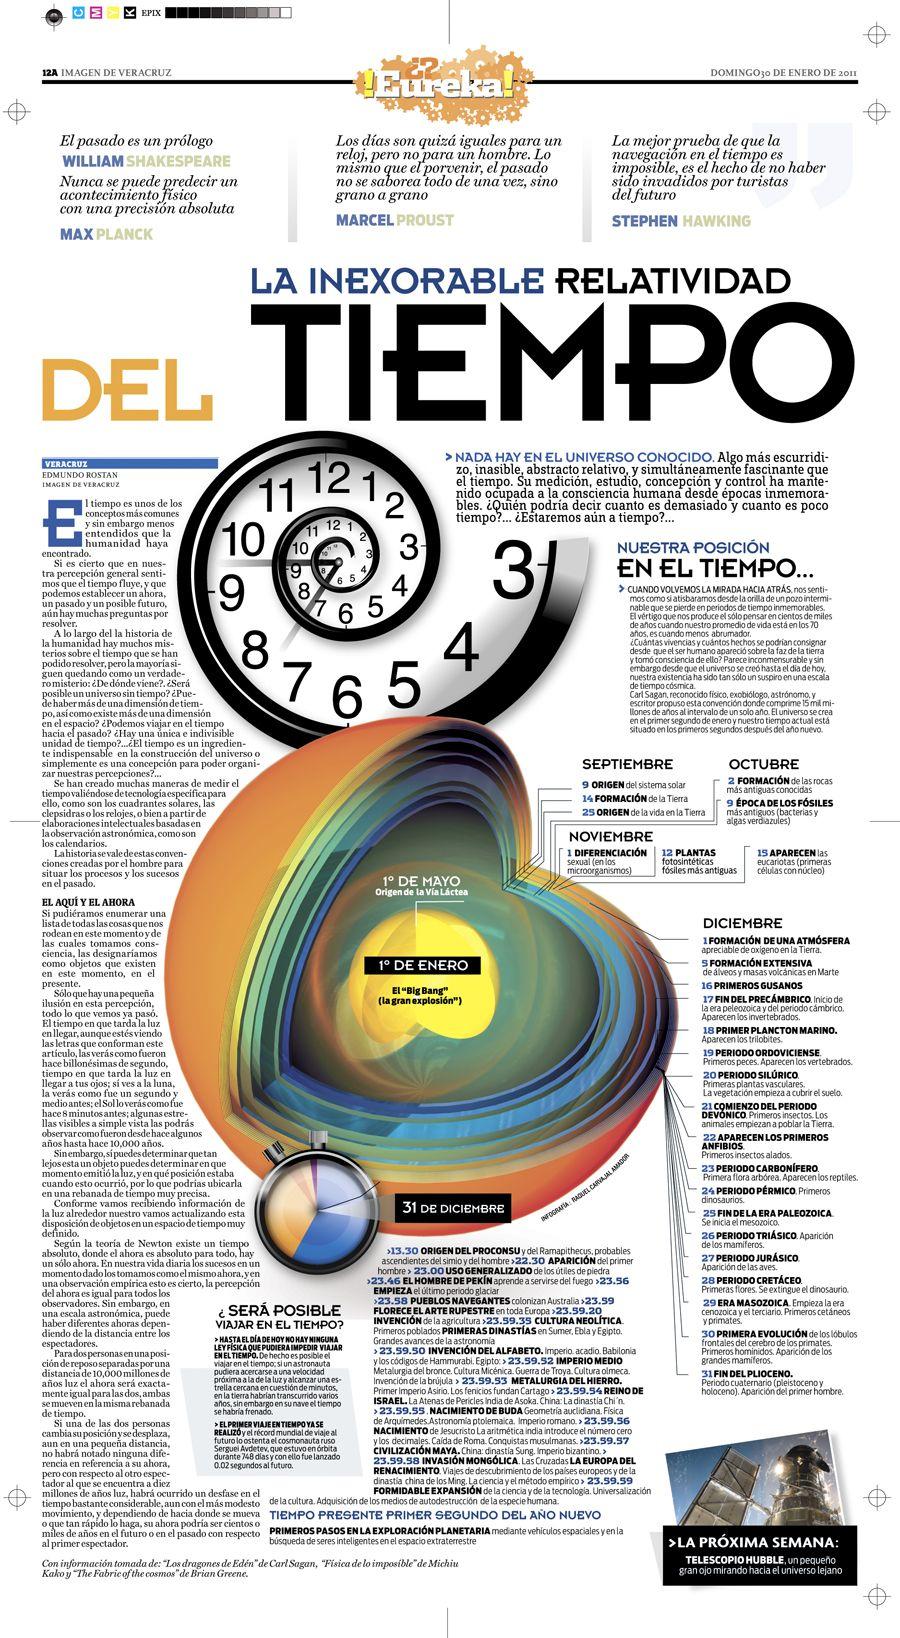 Pin De Mauricio Koller En Ciencia Naturaleza Y Tecnologia Relatividad Del Tiempo Ciencia Cientifica Ciencia Y Conocimiento